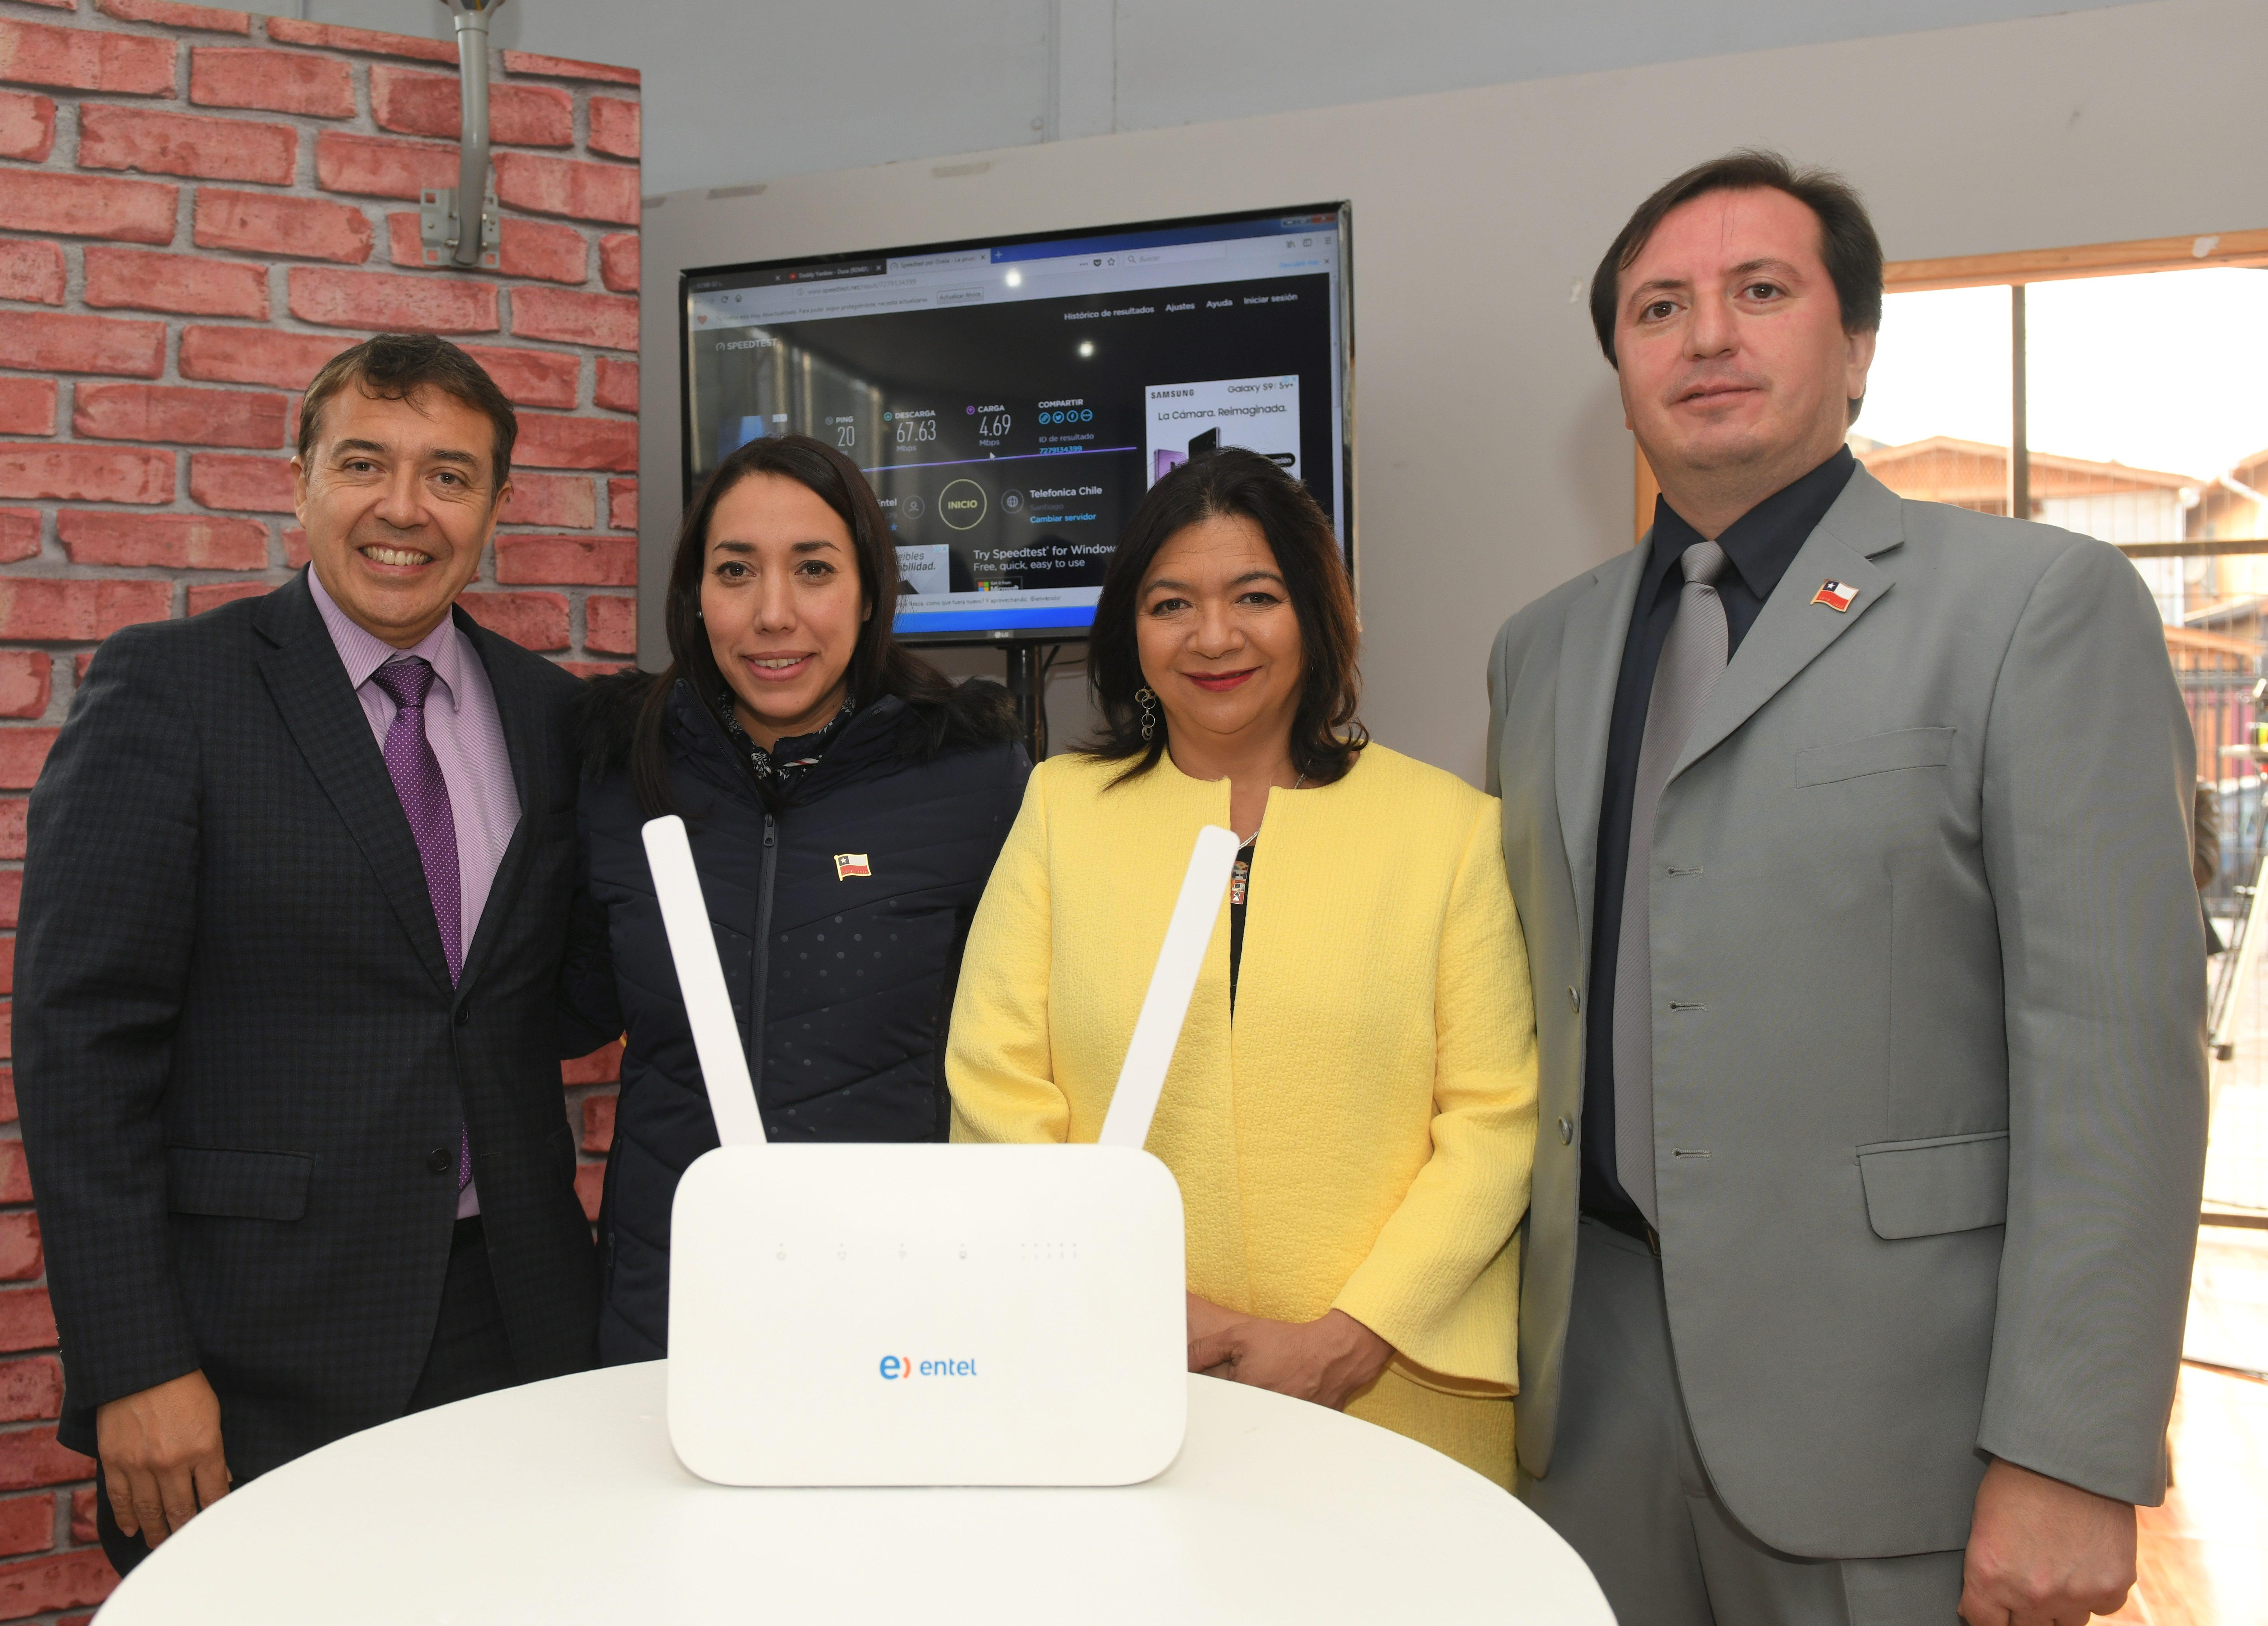 08934b212e4 Internet fijo inalámbrico de alta velocidad llega a los hogares de La  Pintana - El Dínamo